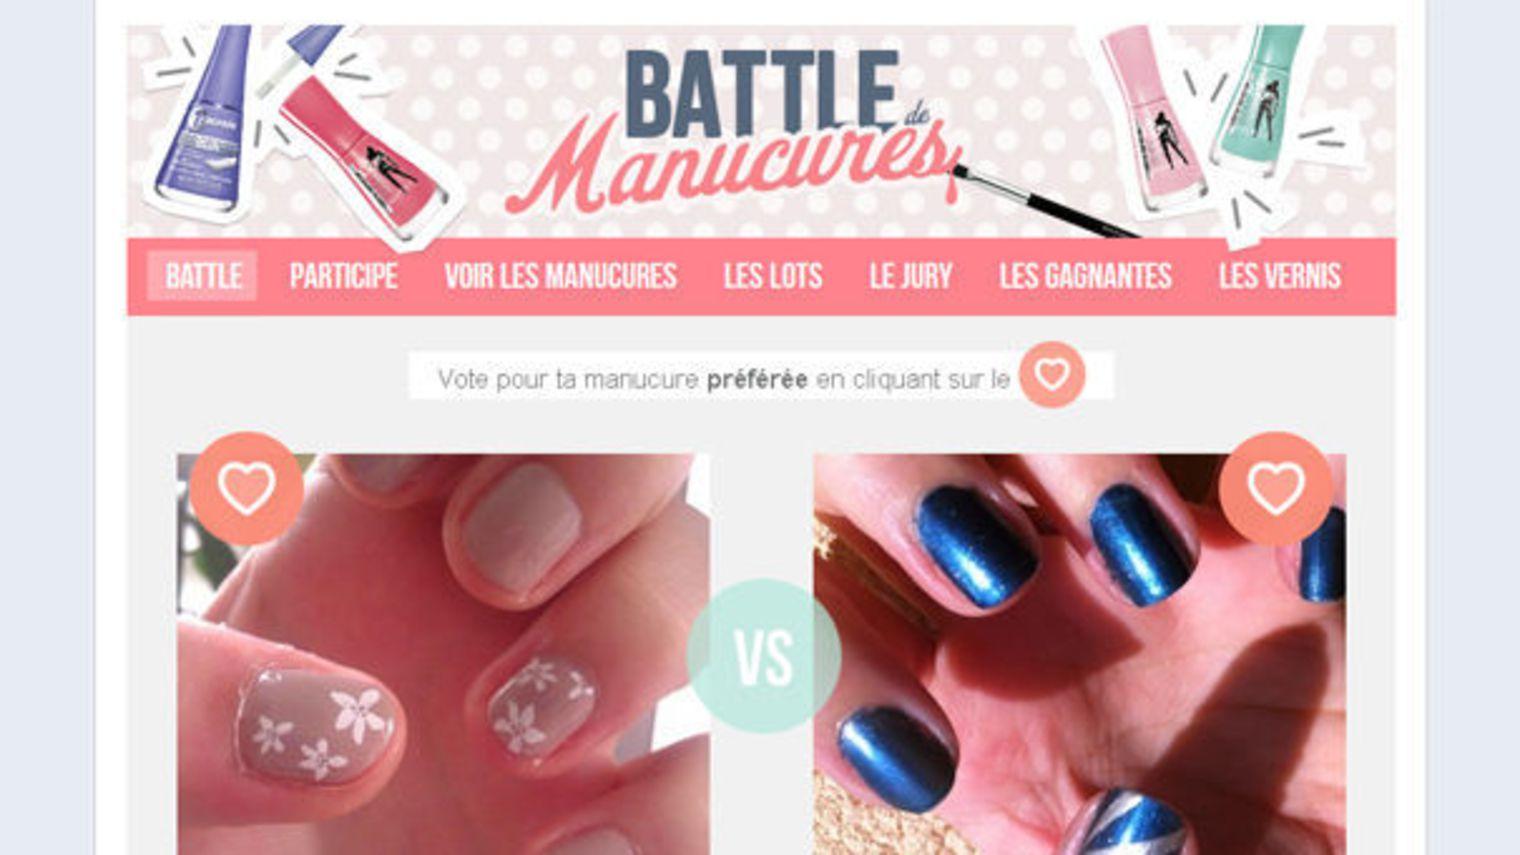 Jeux concours Battle manucures Bourjois